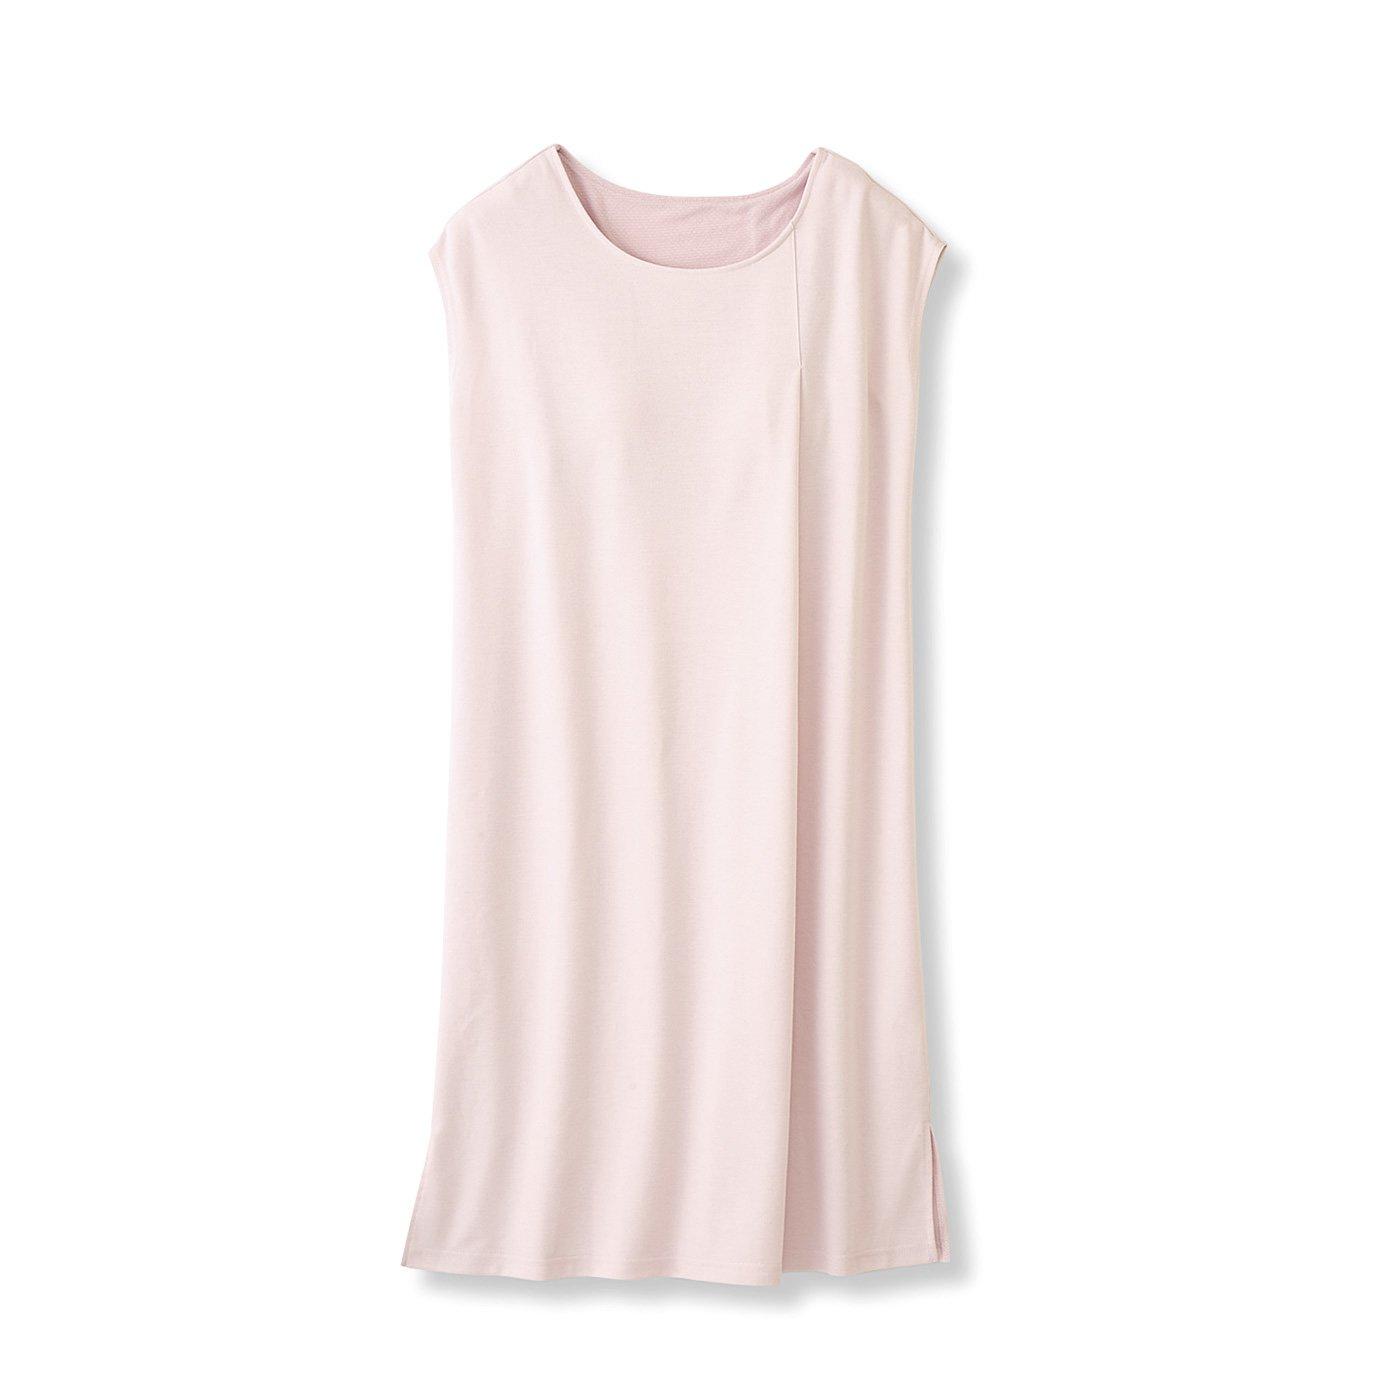 すとんと着るだけIラインシルエット カップ付きヨガ気分ワンピース〈ライトピンク〉